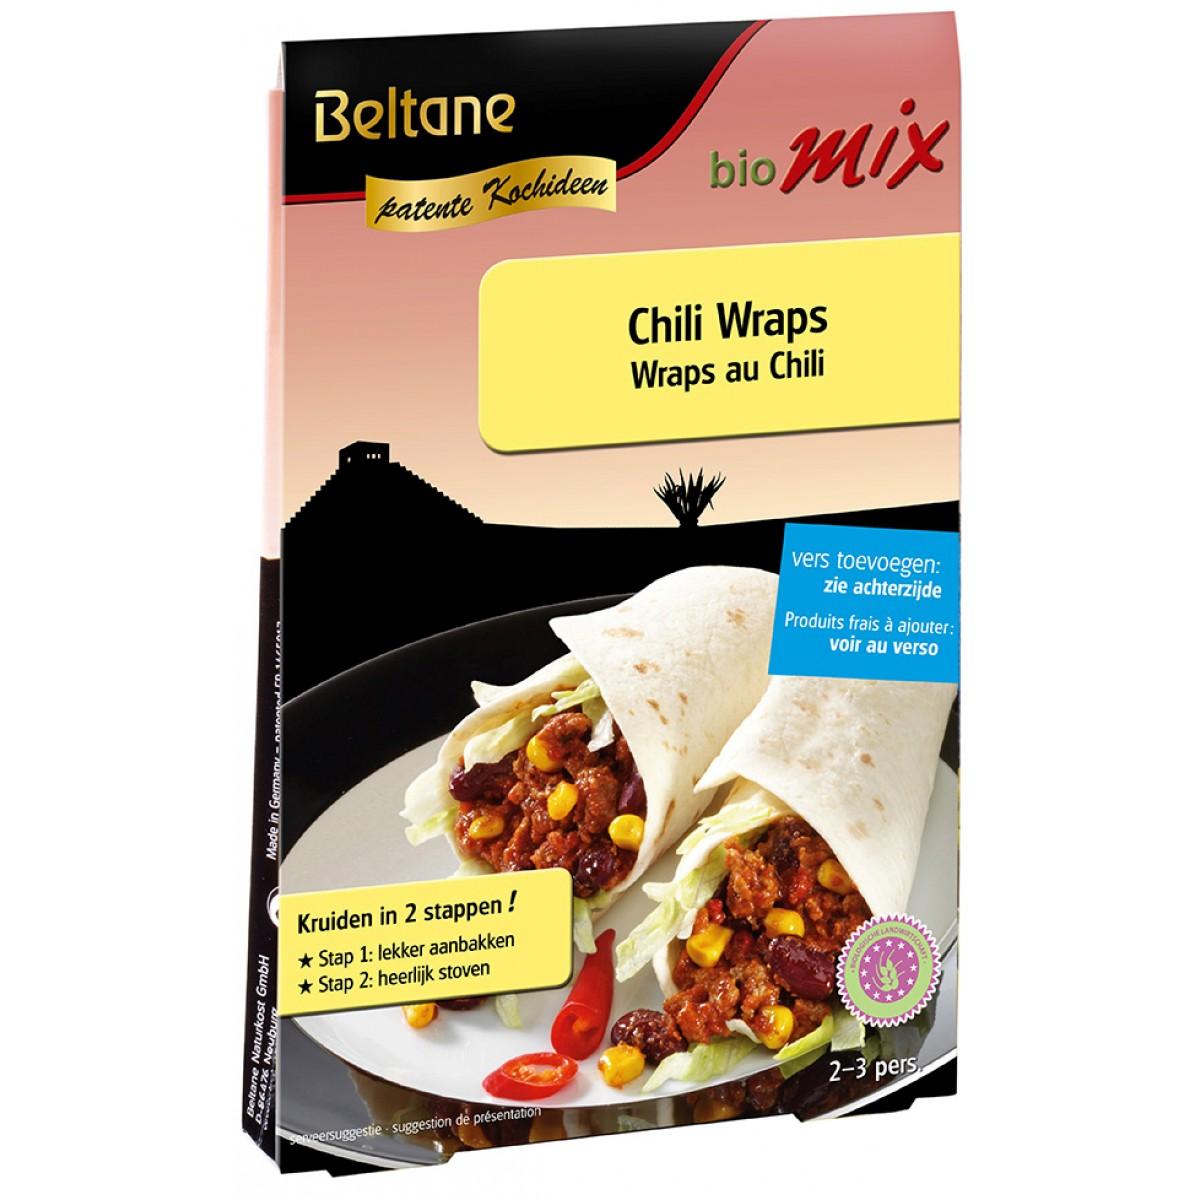 Chili Wraps